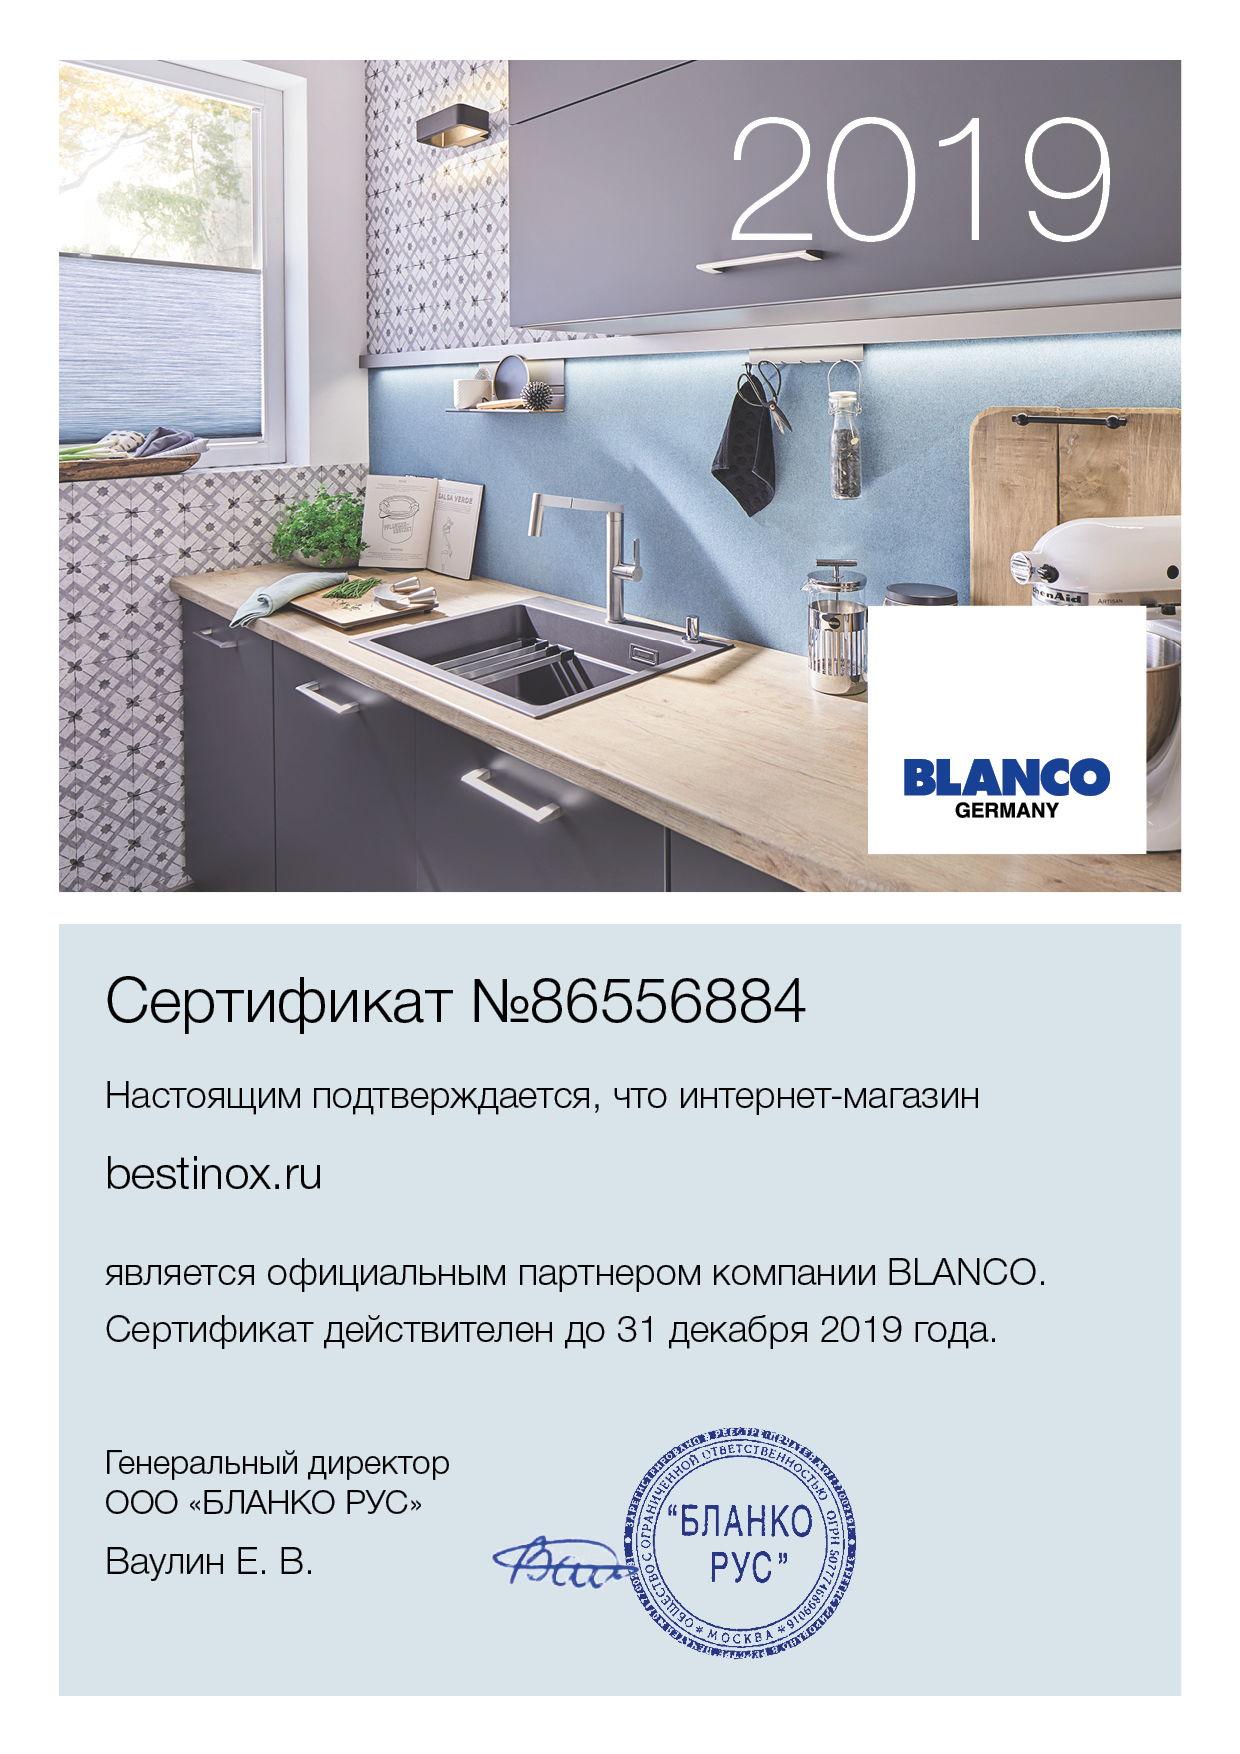 Сертификат BLANCO 2019